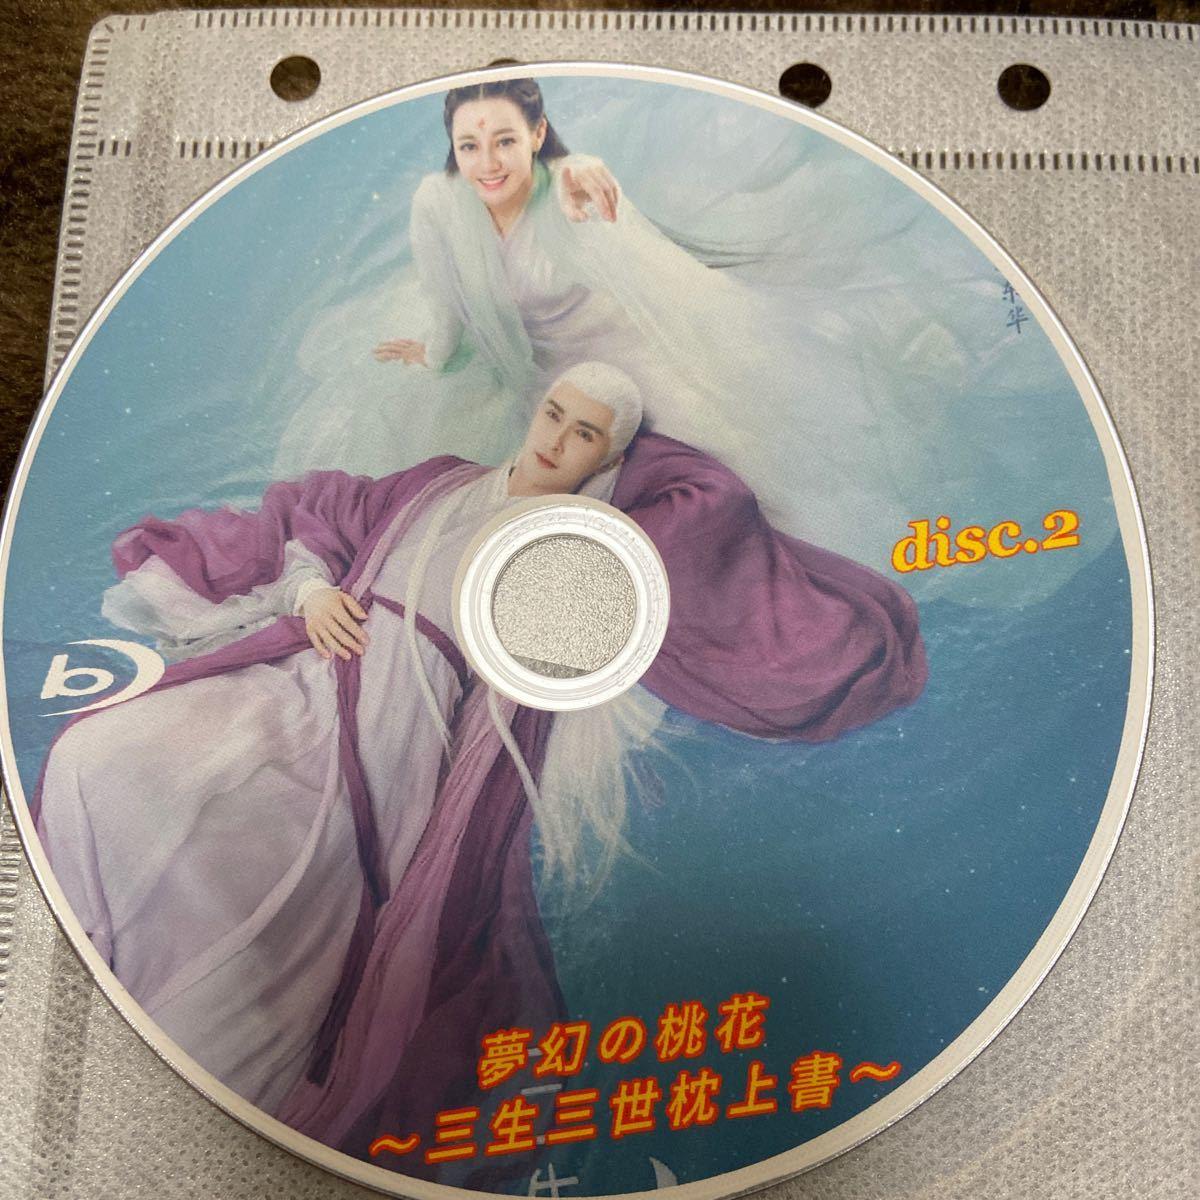 中国ドラマ 夢幻の桃花